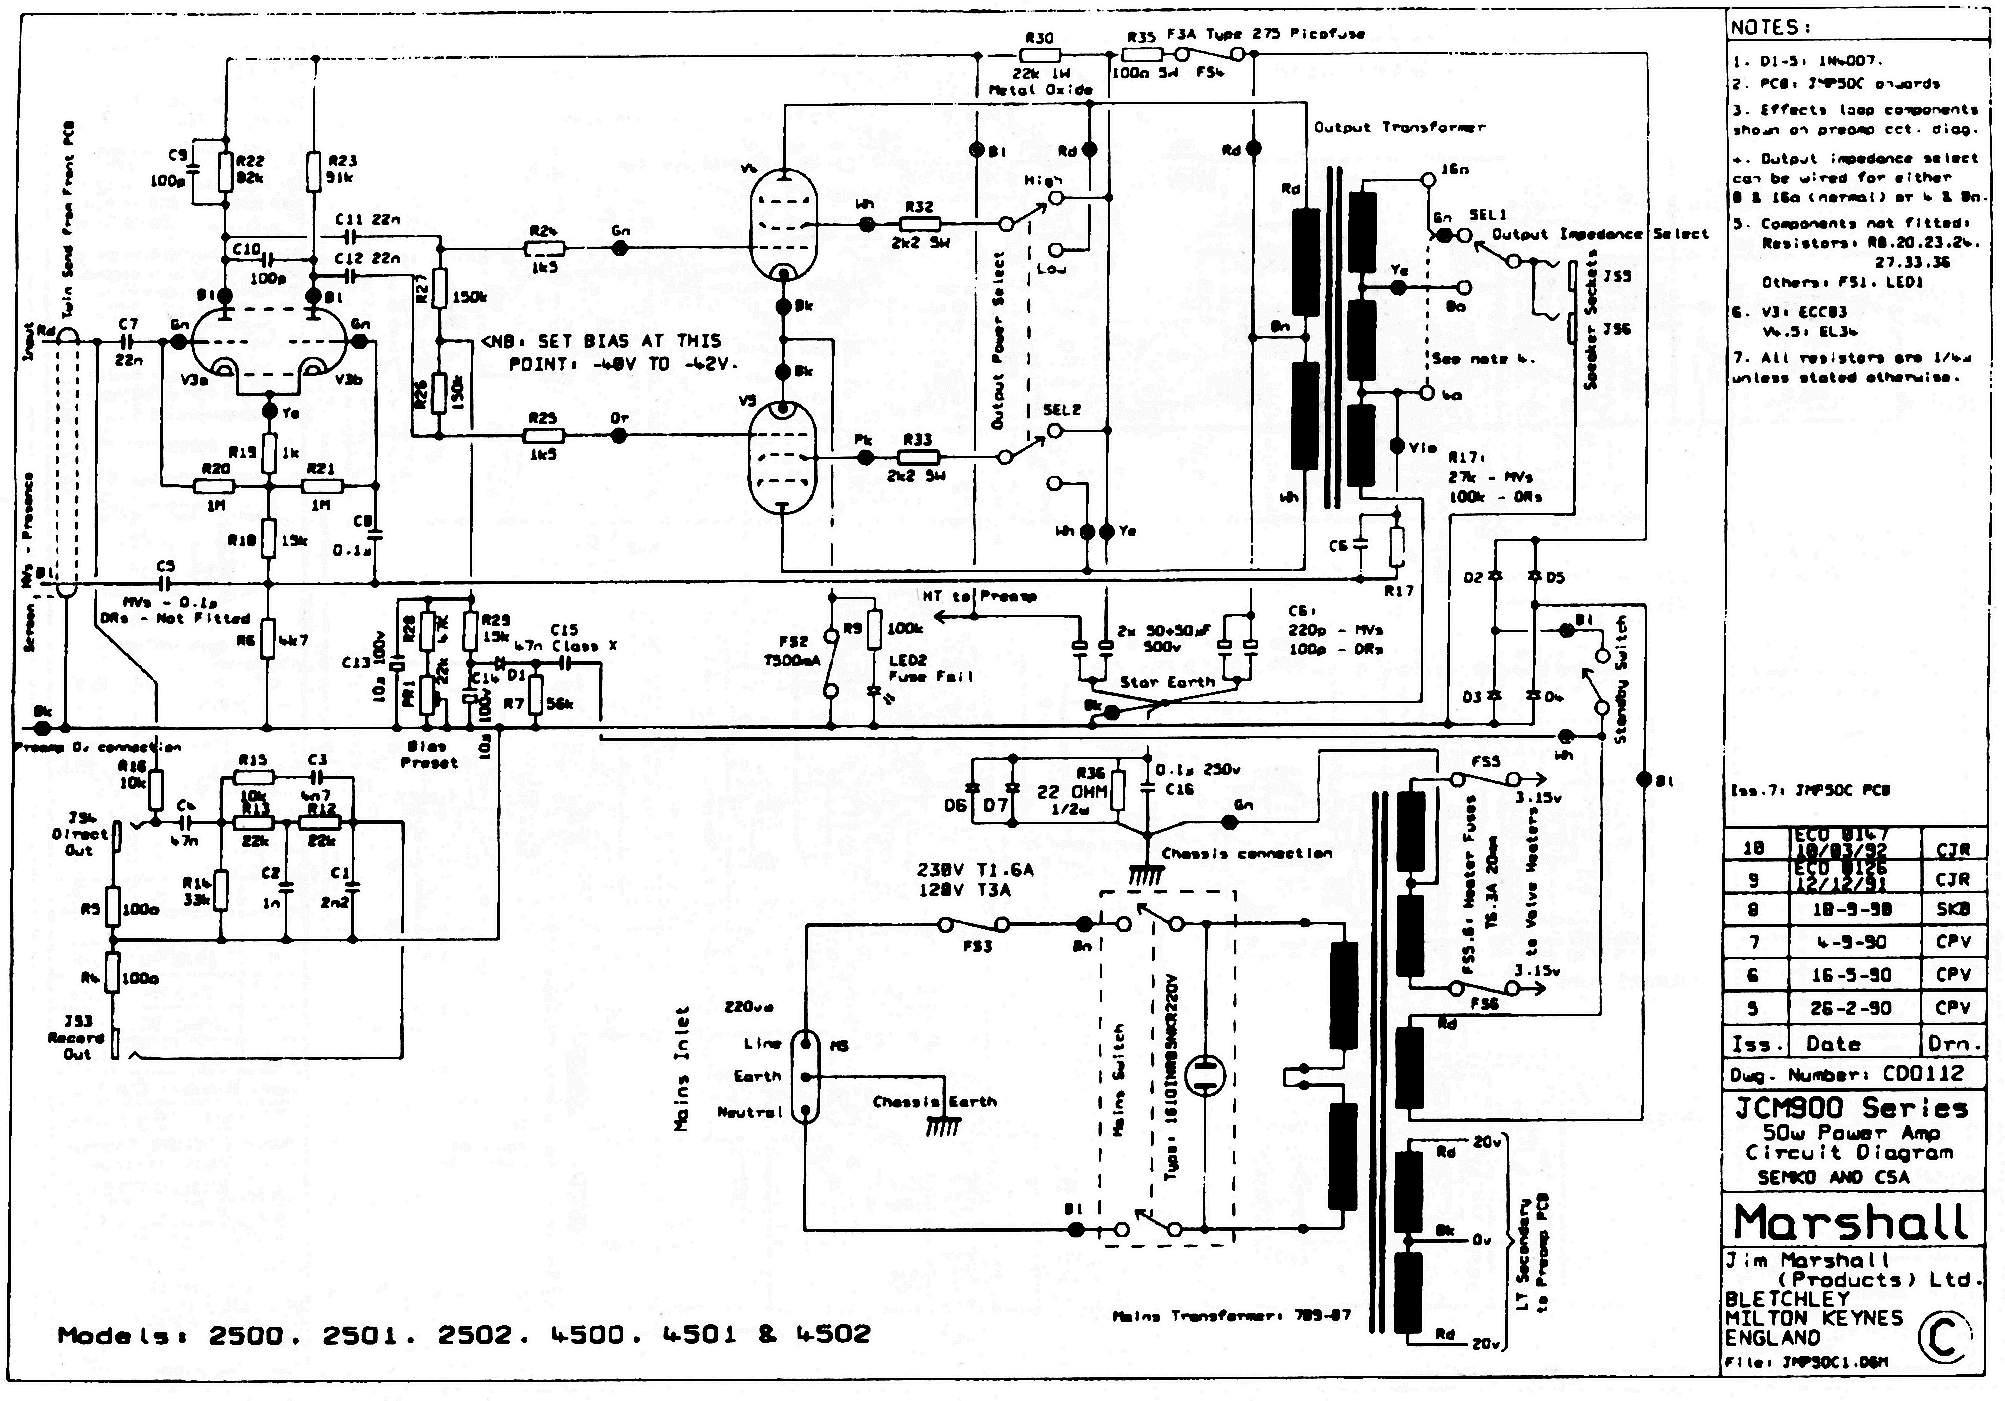 схема соединения обмоток ротора однофазного синхронного генератора.